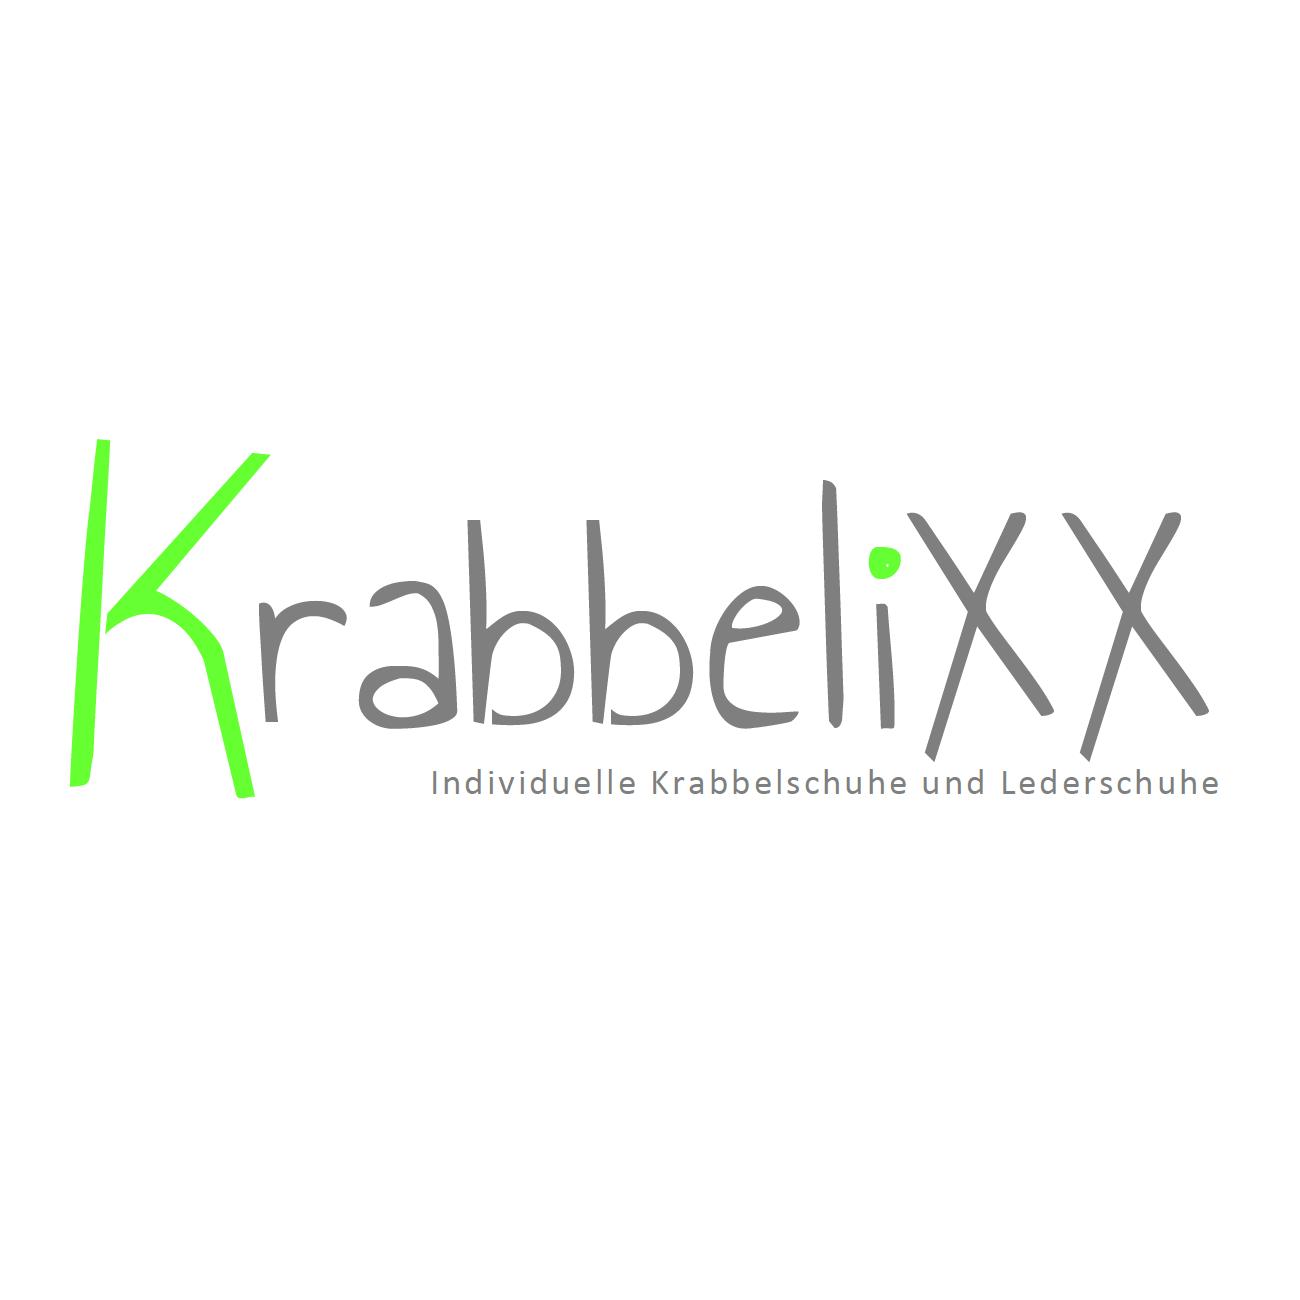 krabbelixx